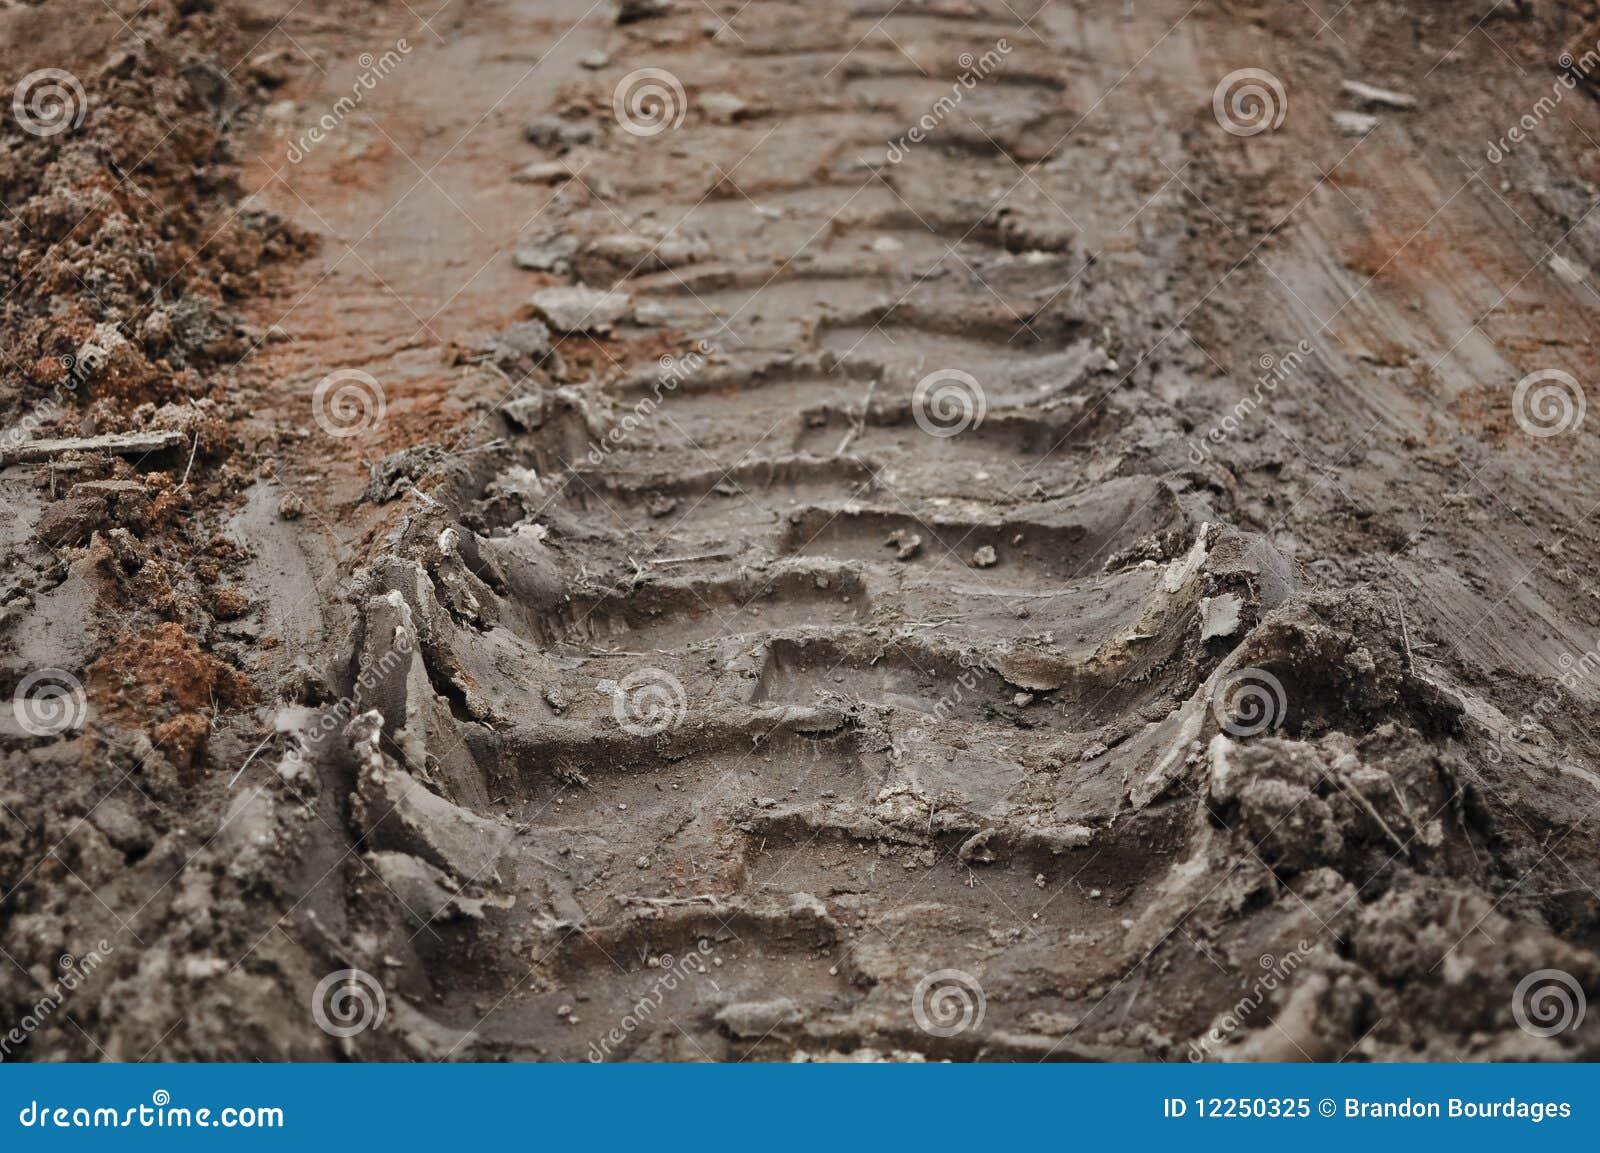 Mud Track Background Royalty Free Stock Photo - Image: 12250325